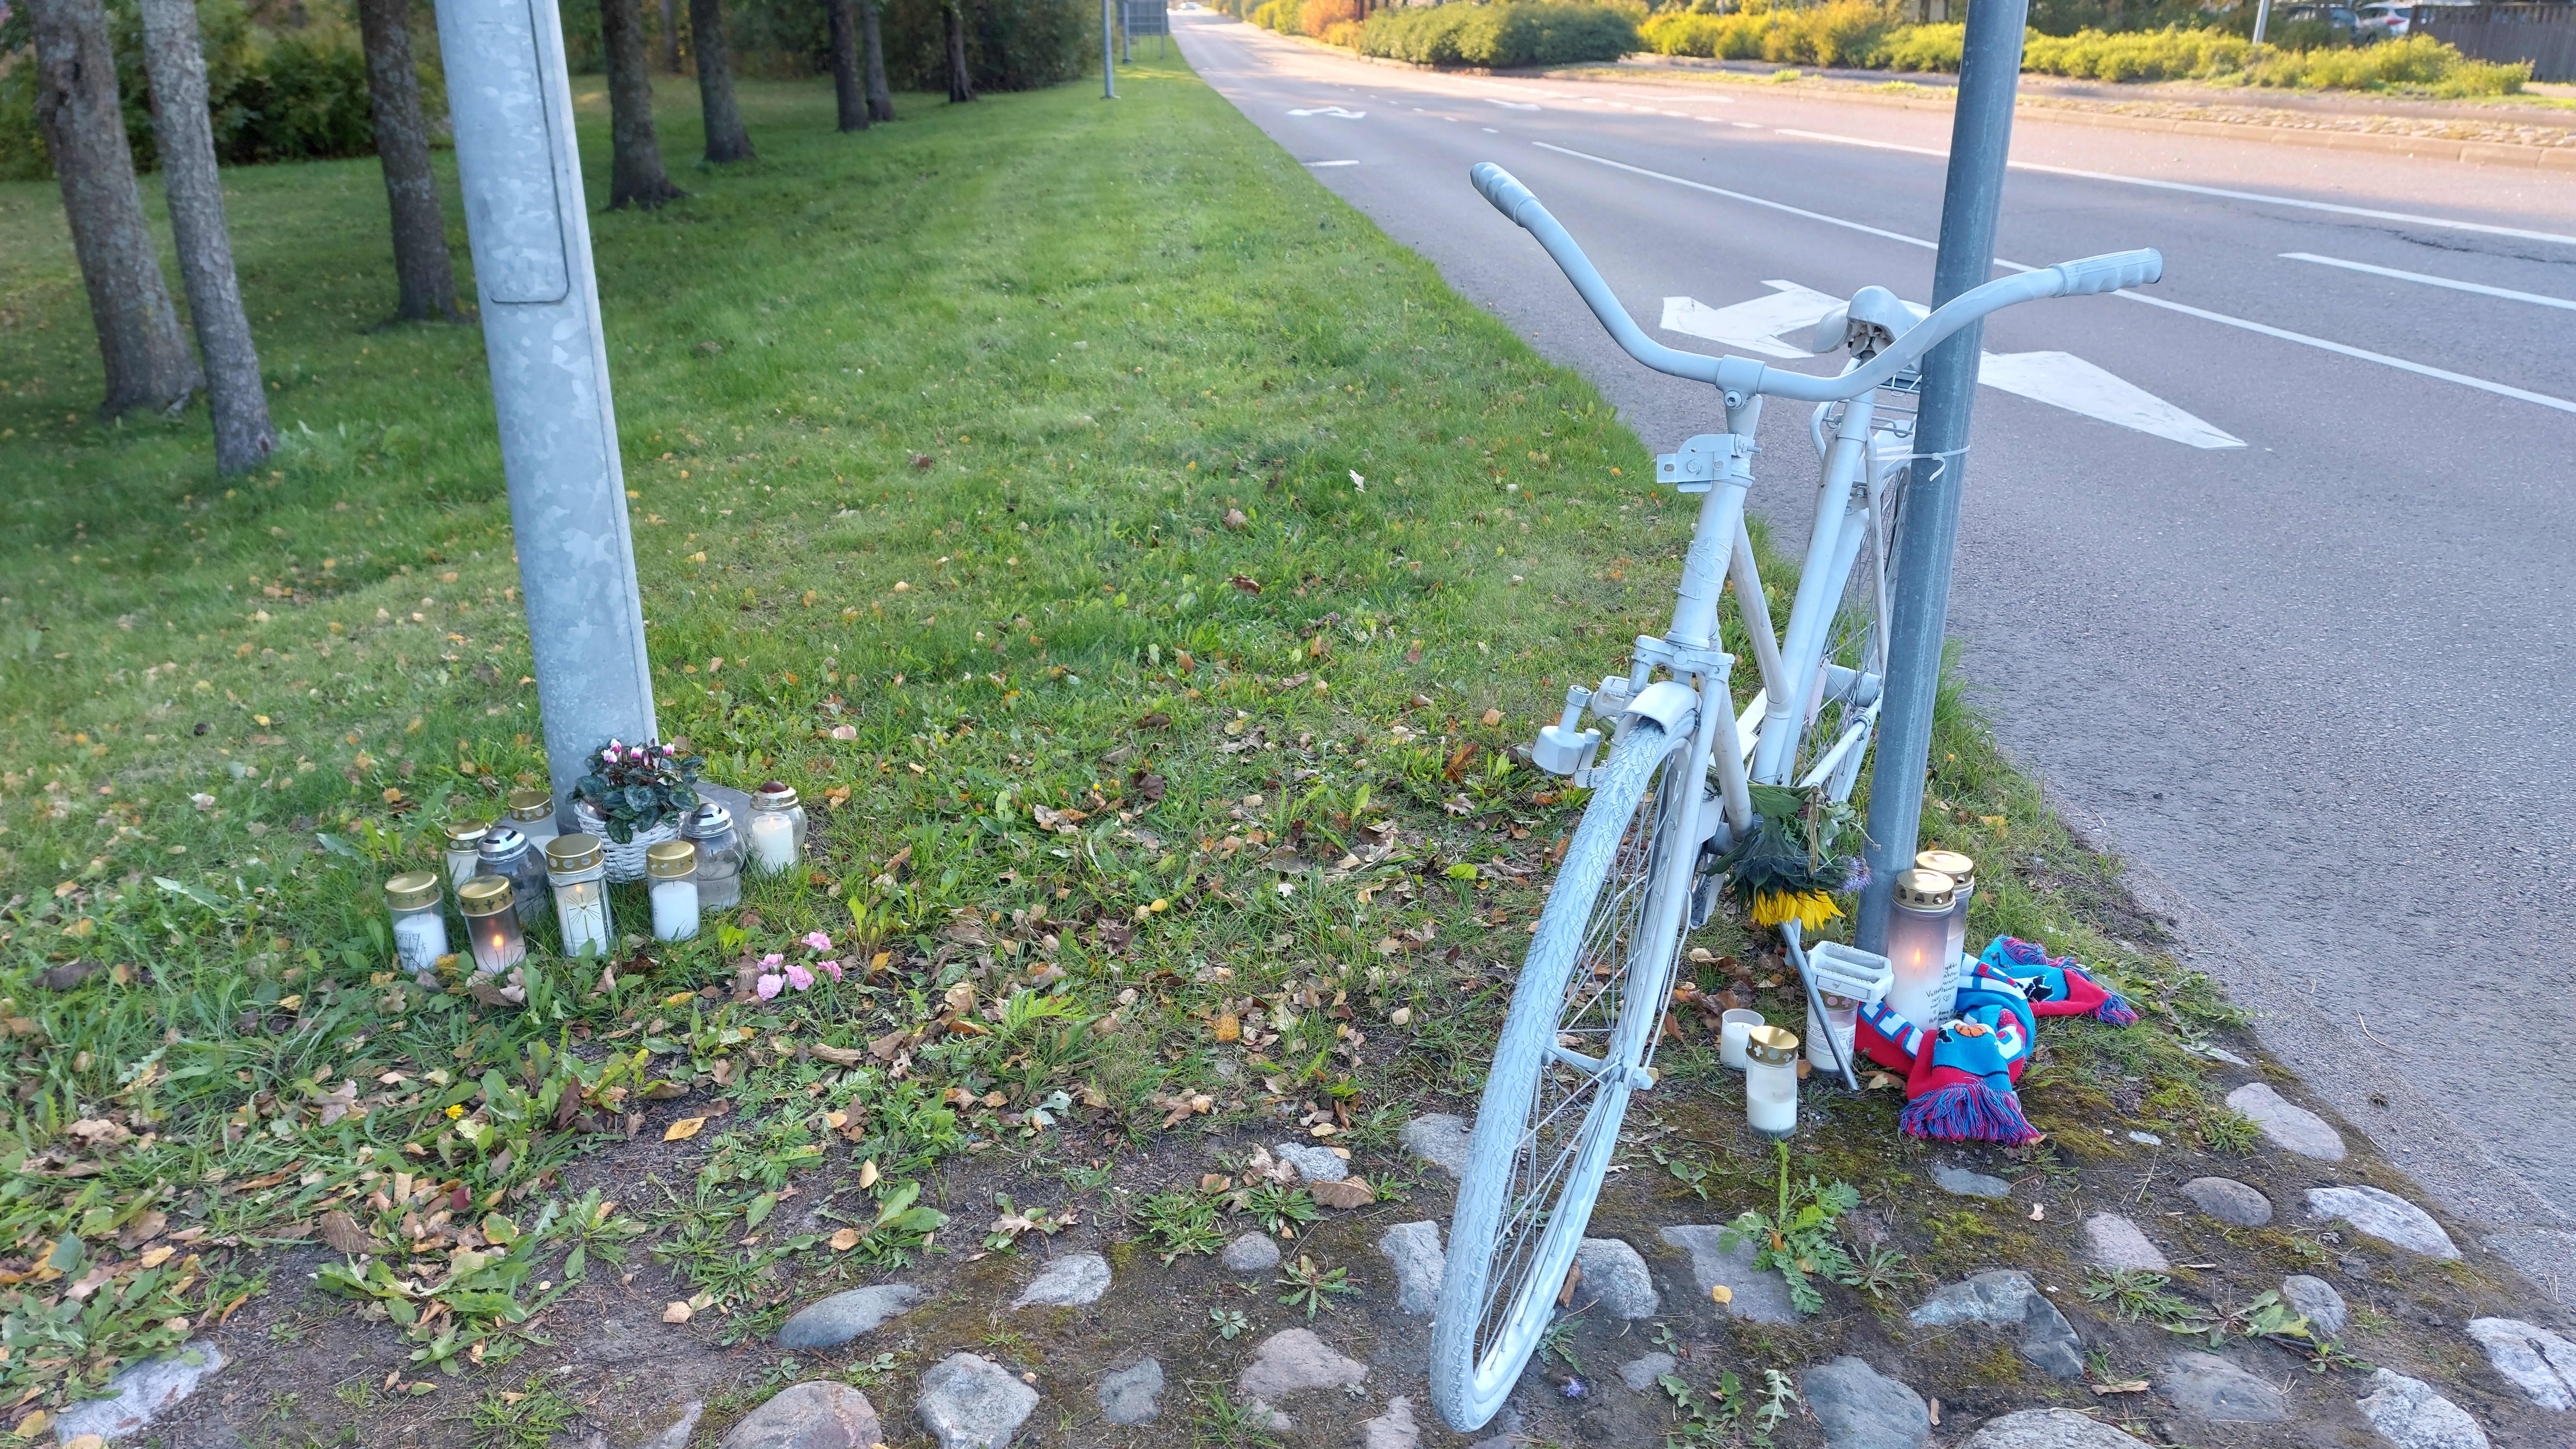 Karhulassa sattui kuolemaan johtanut onnettomuus lauantaina. Kuva onnettomuuspaikalta.